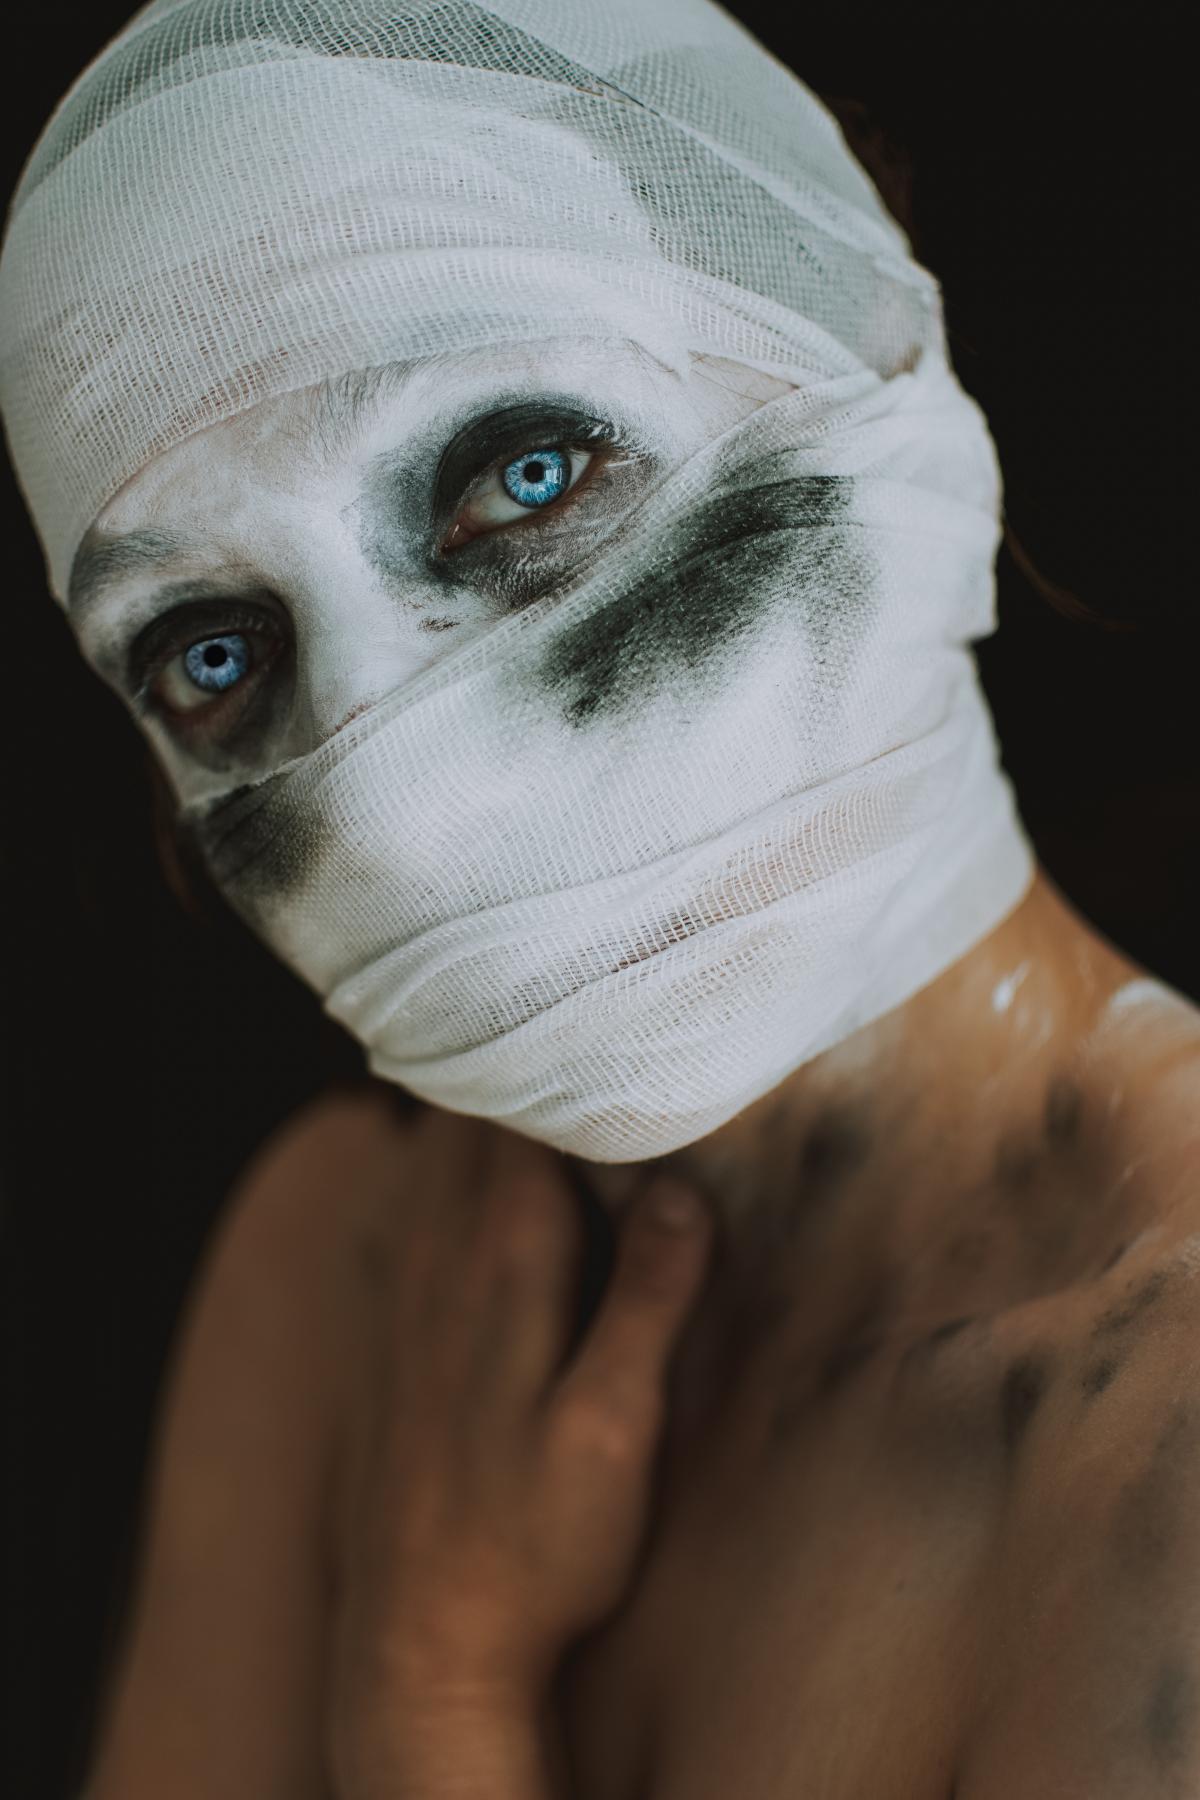 Mask Gag Restraint